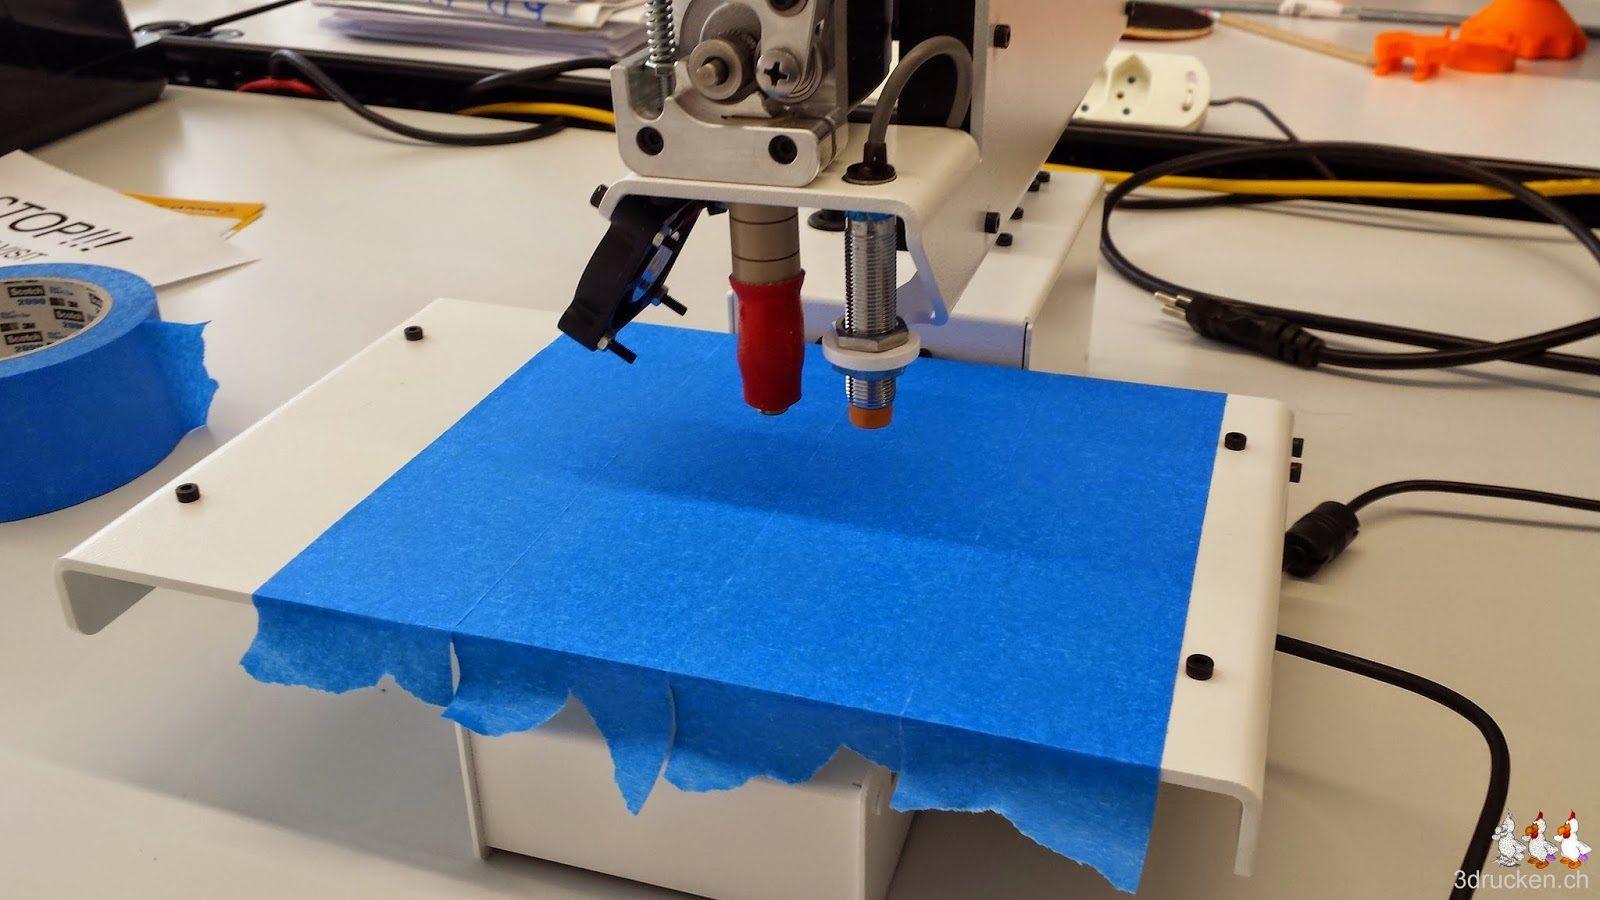 Foto vom fertig mit blauem Klebeband beklebten Drucktisch des Printrbot Simple Metal